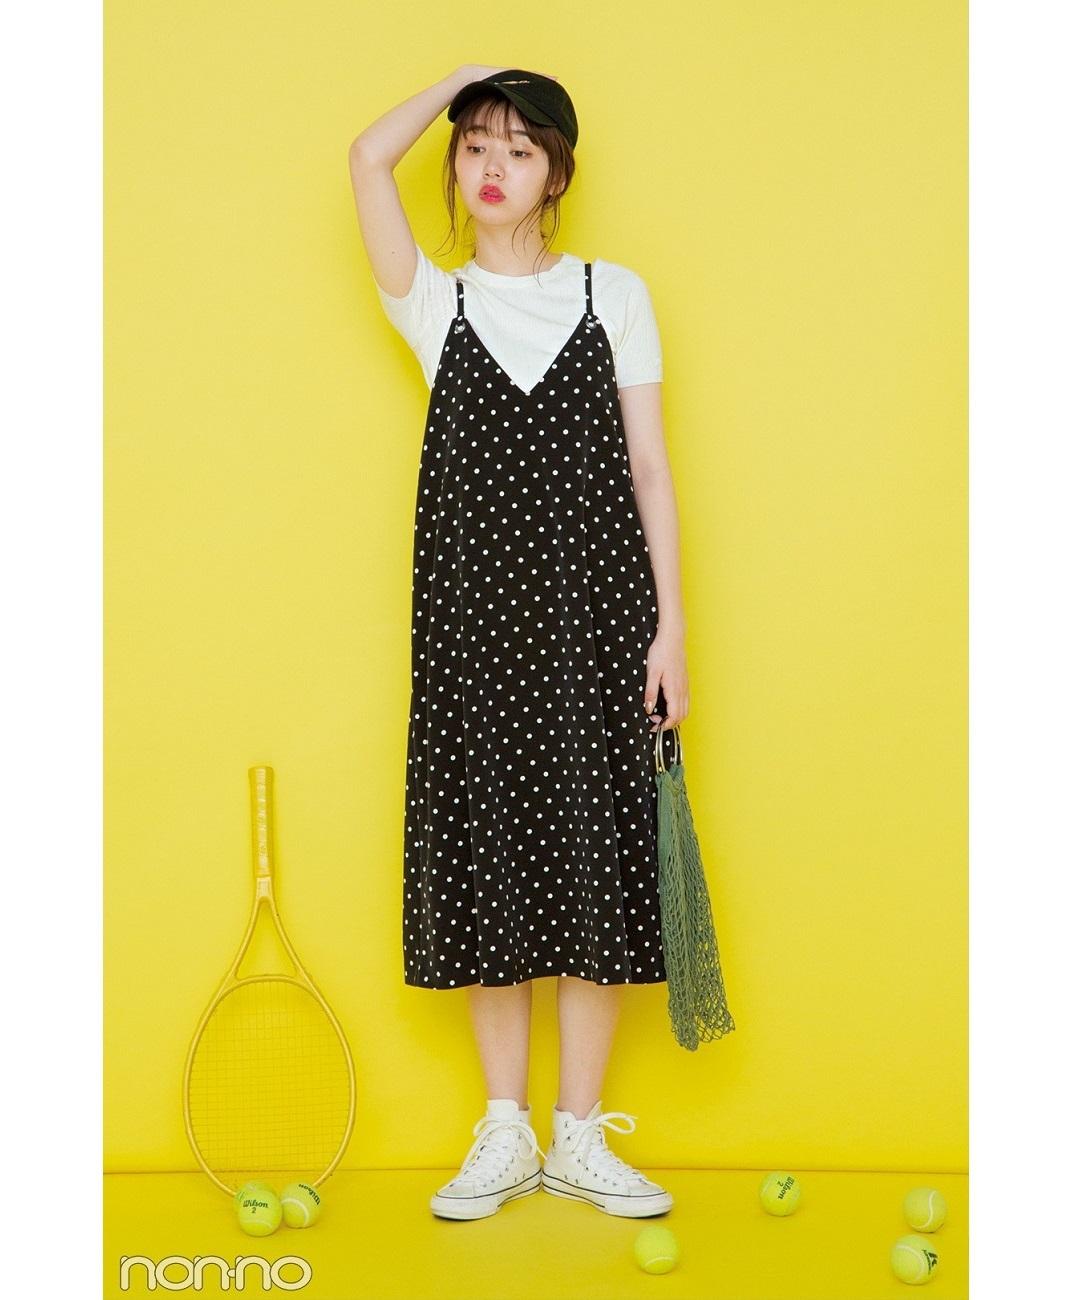 【夏のワンピースコーデ】江野沢愛美は、キャミソールワンピ×Tシャツ&スニーカーでカジュアルミックスコーデ